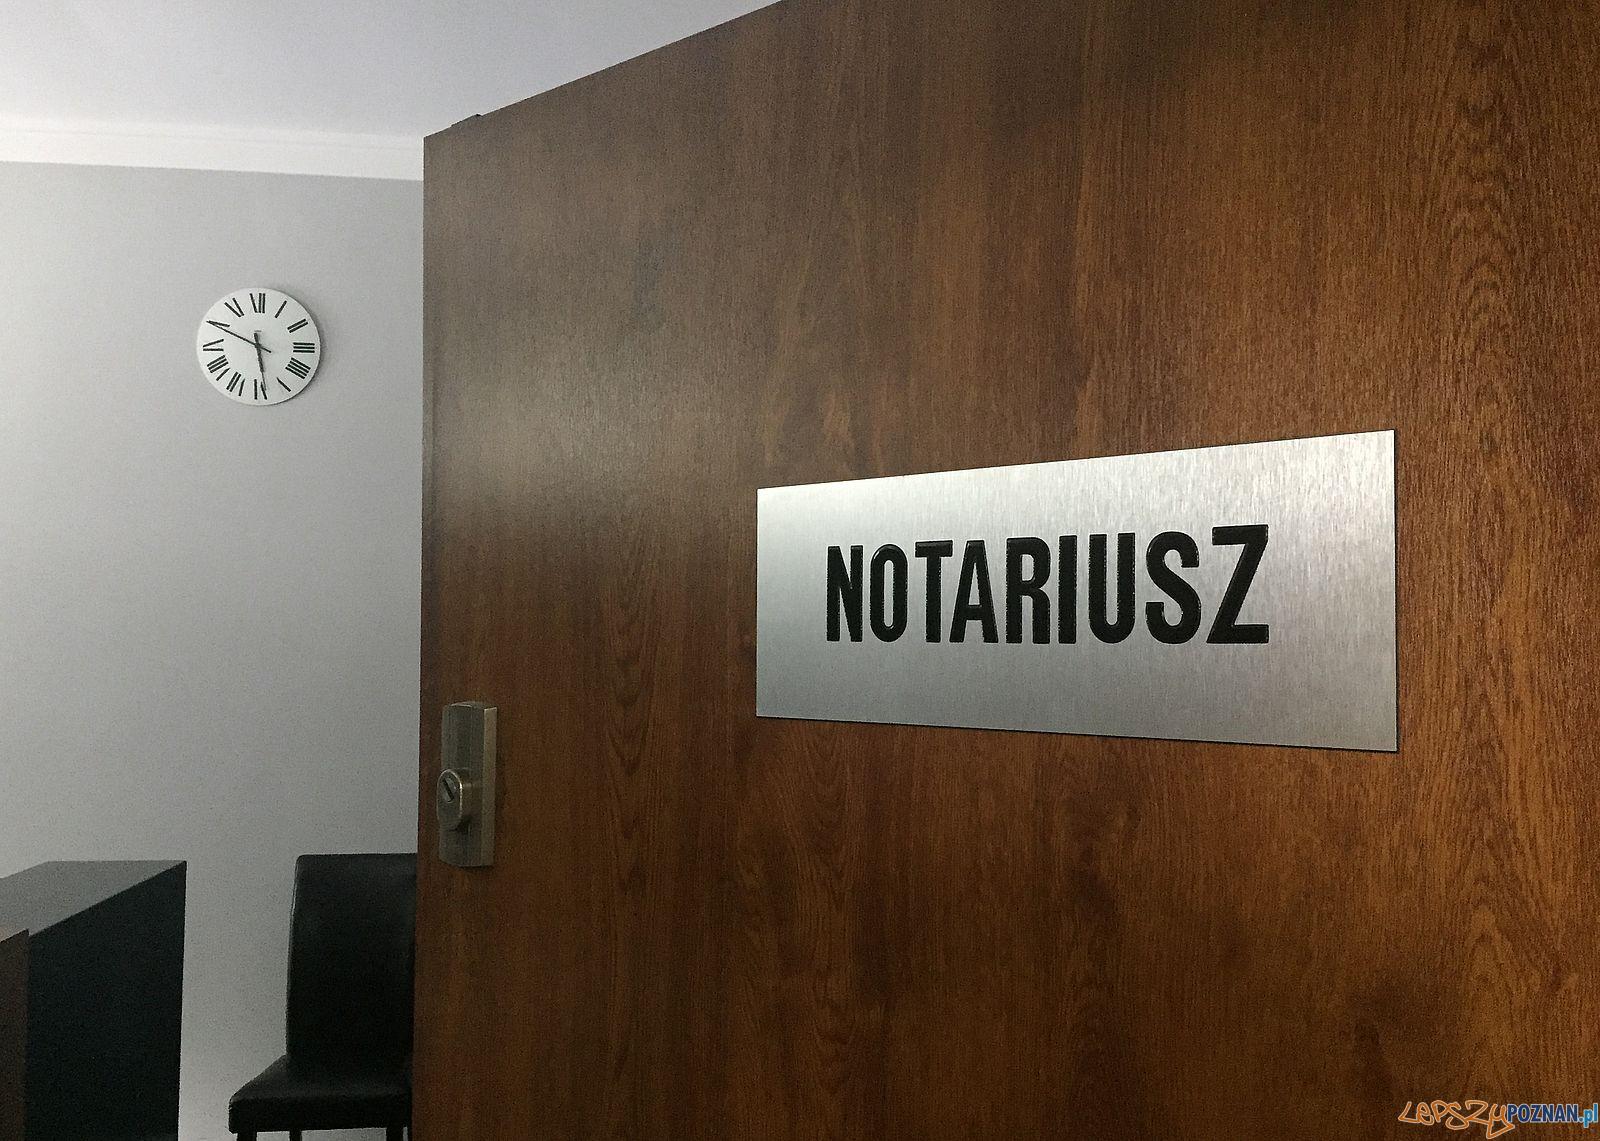 Notariusz - zdjecie ilustracyjne 1  Foto: materiały prasowe